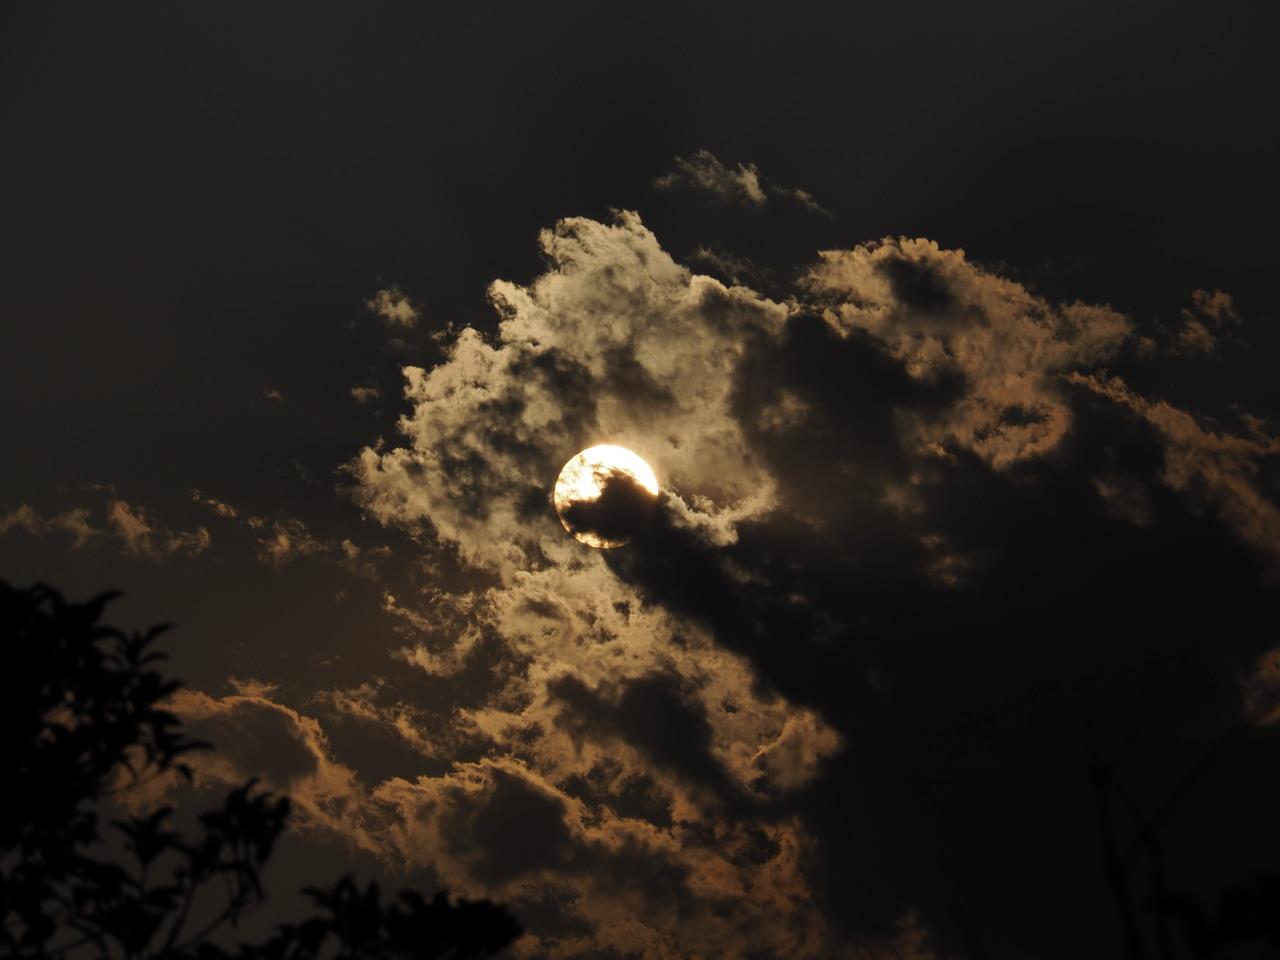 雲から太陽が顔を出す瞬間